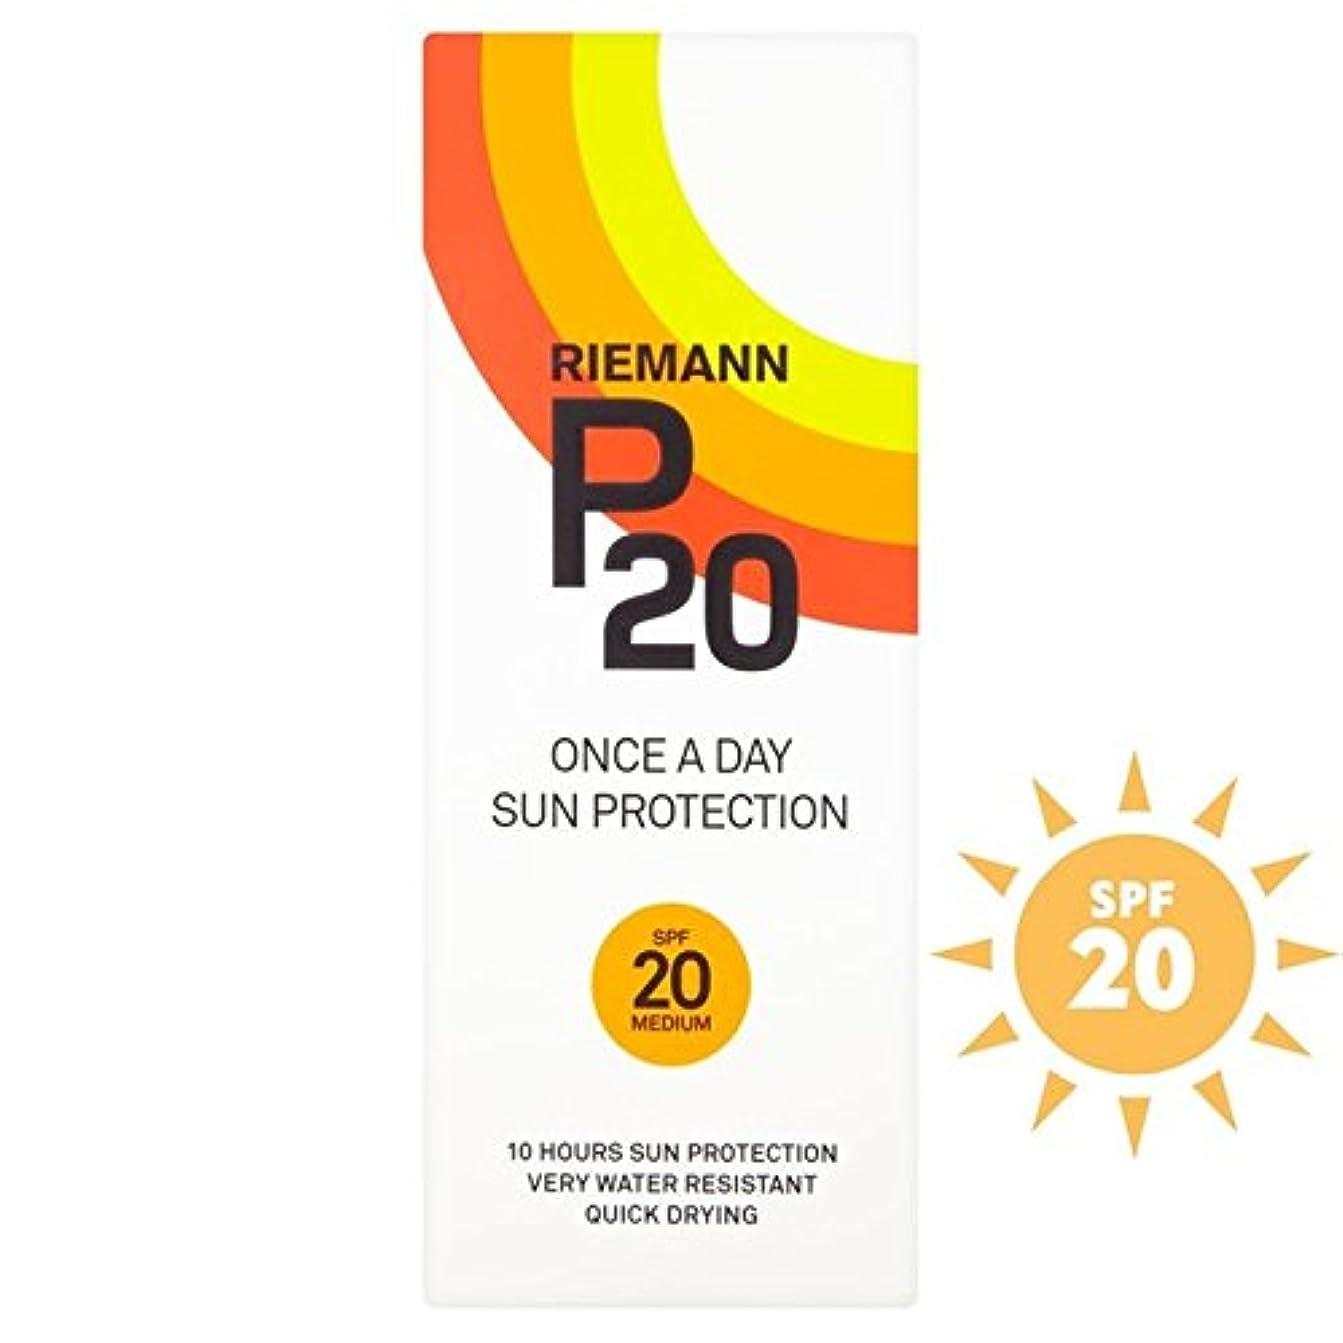 腹部リラックスしたフルーツリーマン20 20 1日/ 10時間の保護200ミリリットル x2 - Riemann P20 SPF20 1 Day/10 Hour Protection 200ml (Pack of 2) [並行輸入品]